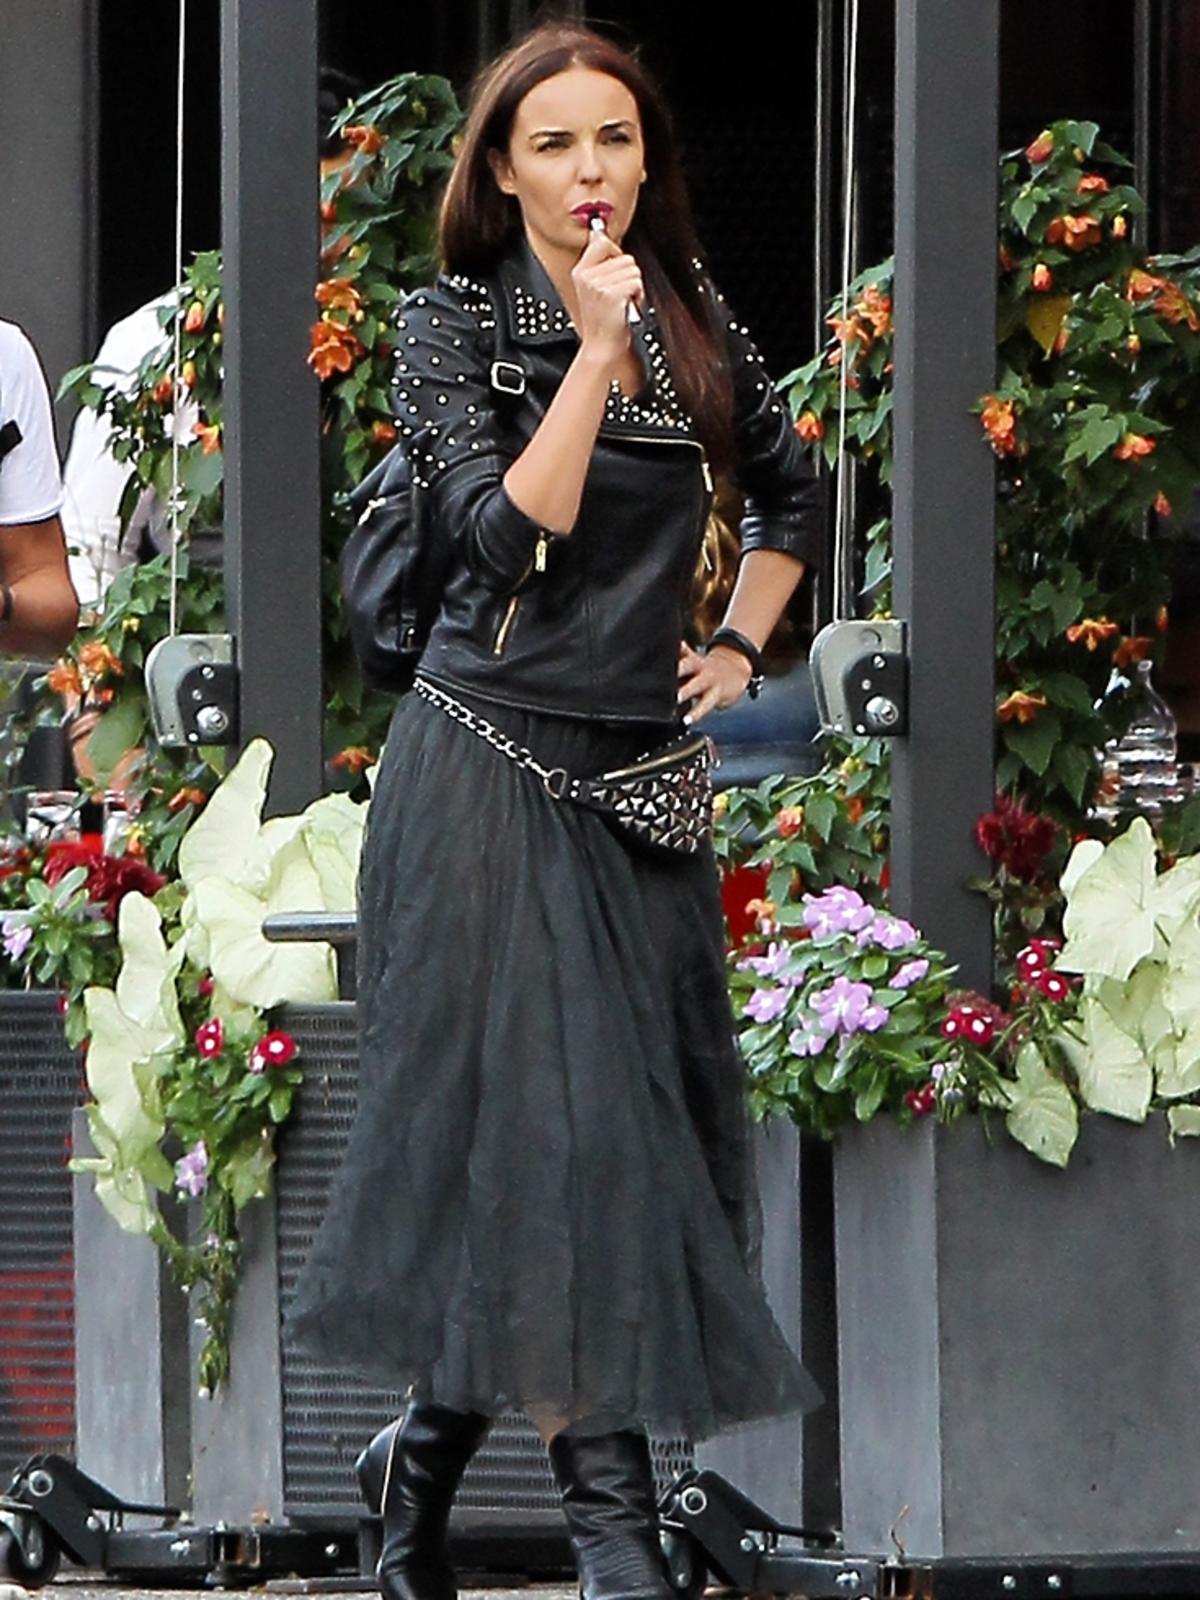 Agnieszka Włodarczyk w szarej spódnicy na ulicy z e-papierosem